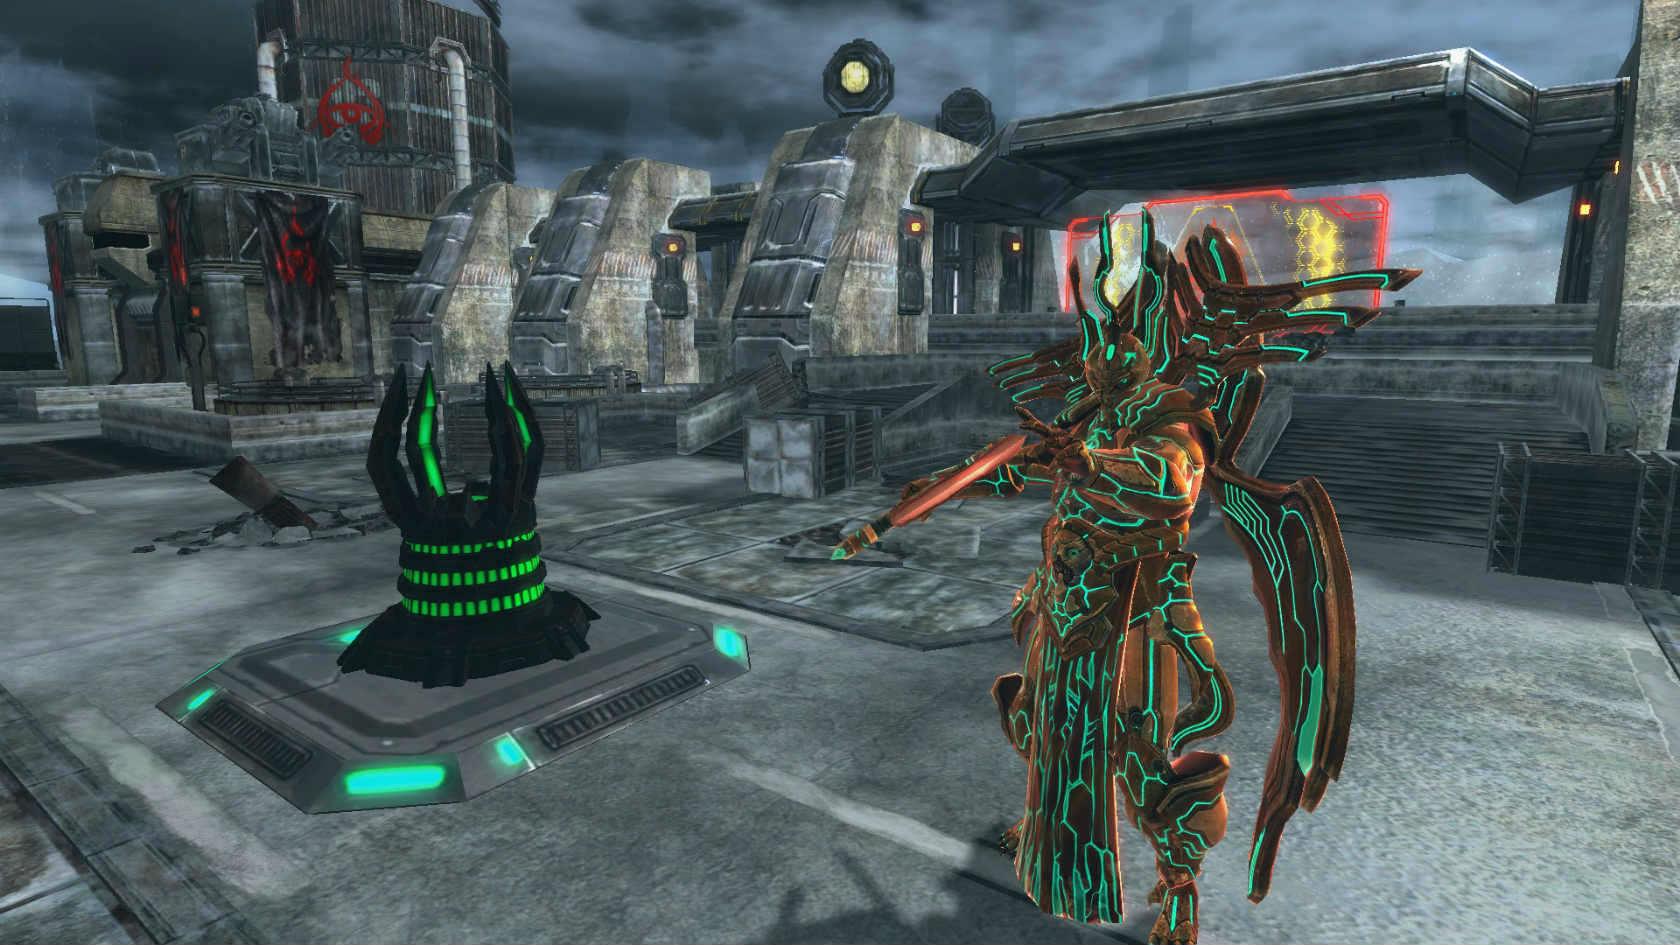 『 スカーレットブレイド 』戦場にモンスター襲来イベント